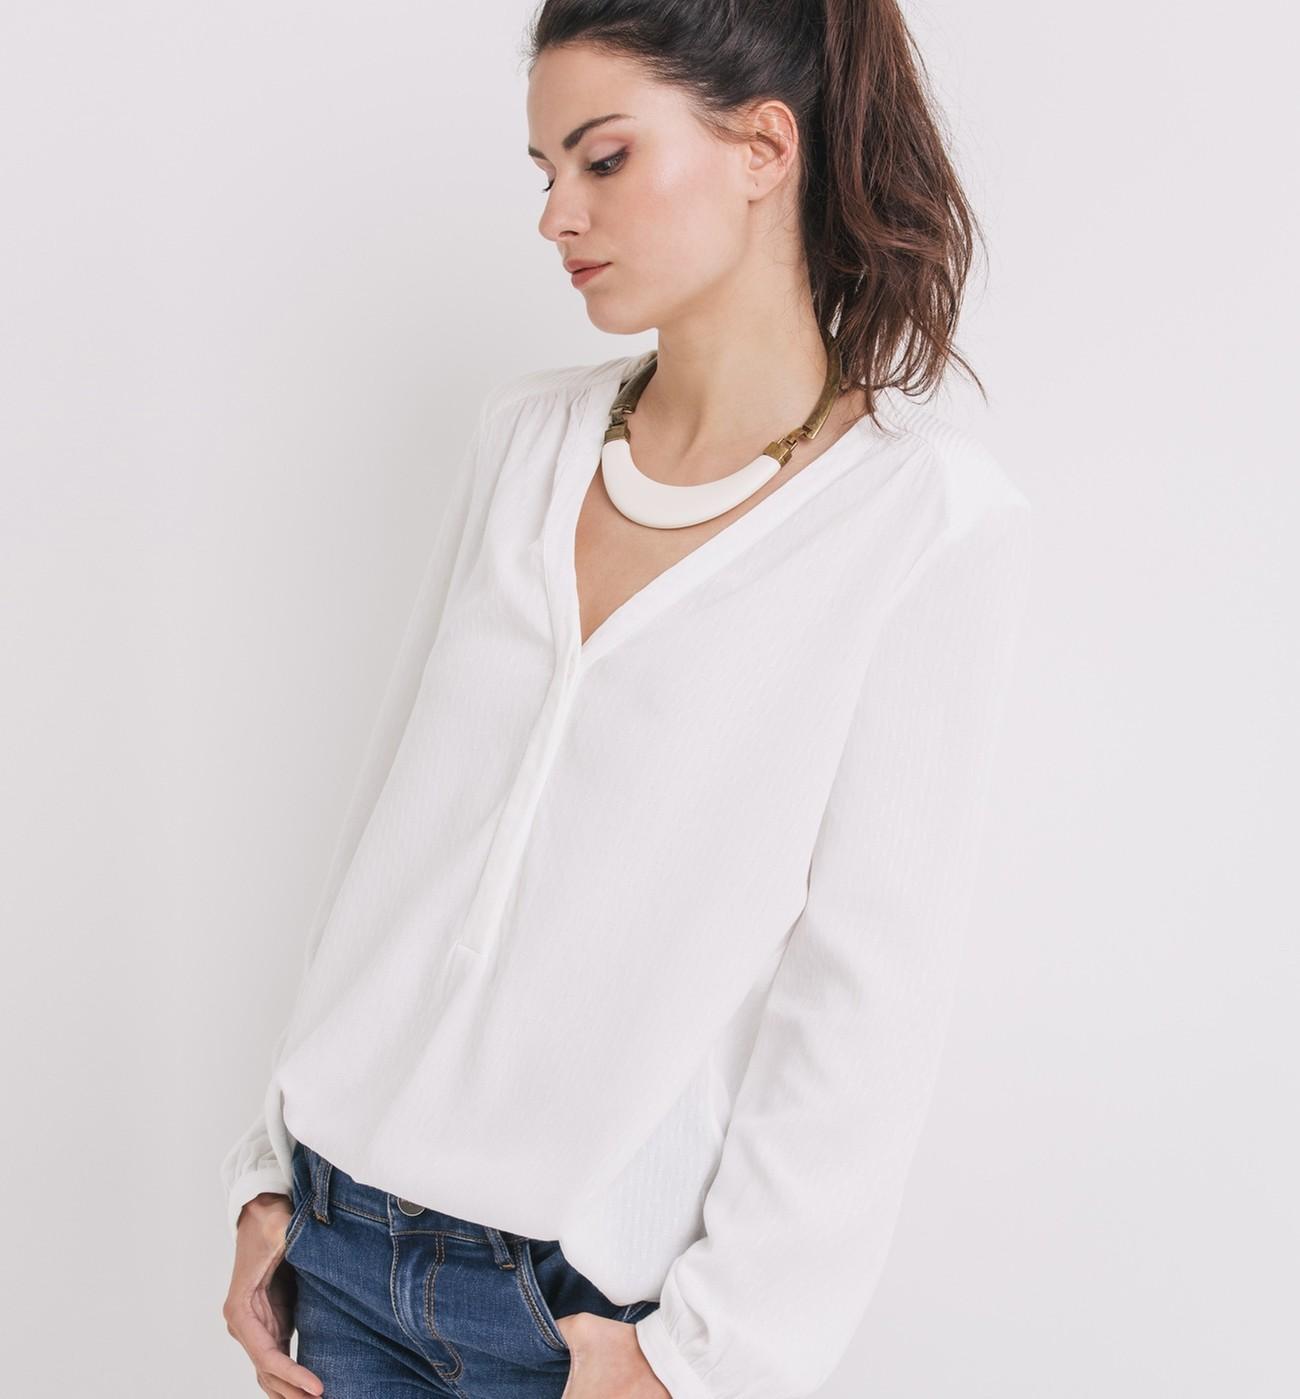 Je veux trouver une belle chemise femme et agréable à porter pas cher ICI  Chemise fluide femme blanche cda791929d59